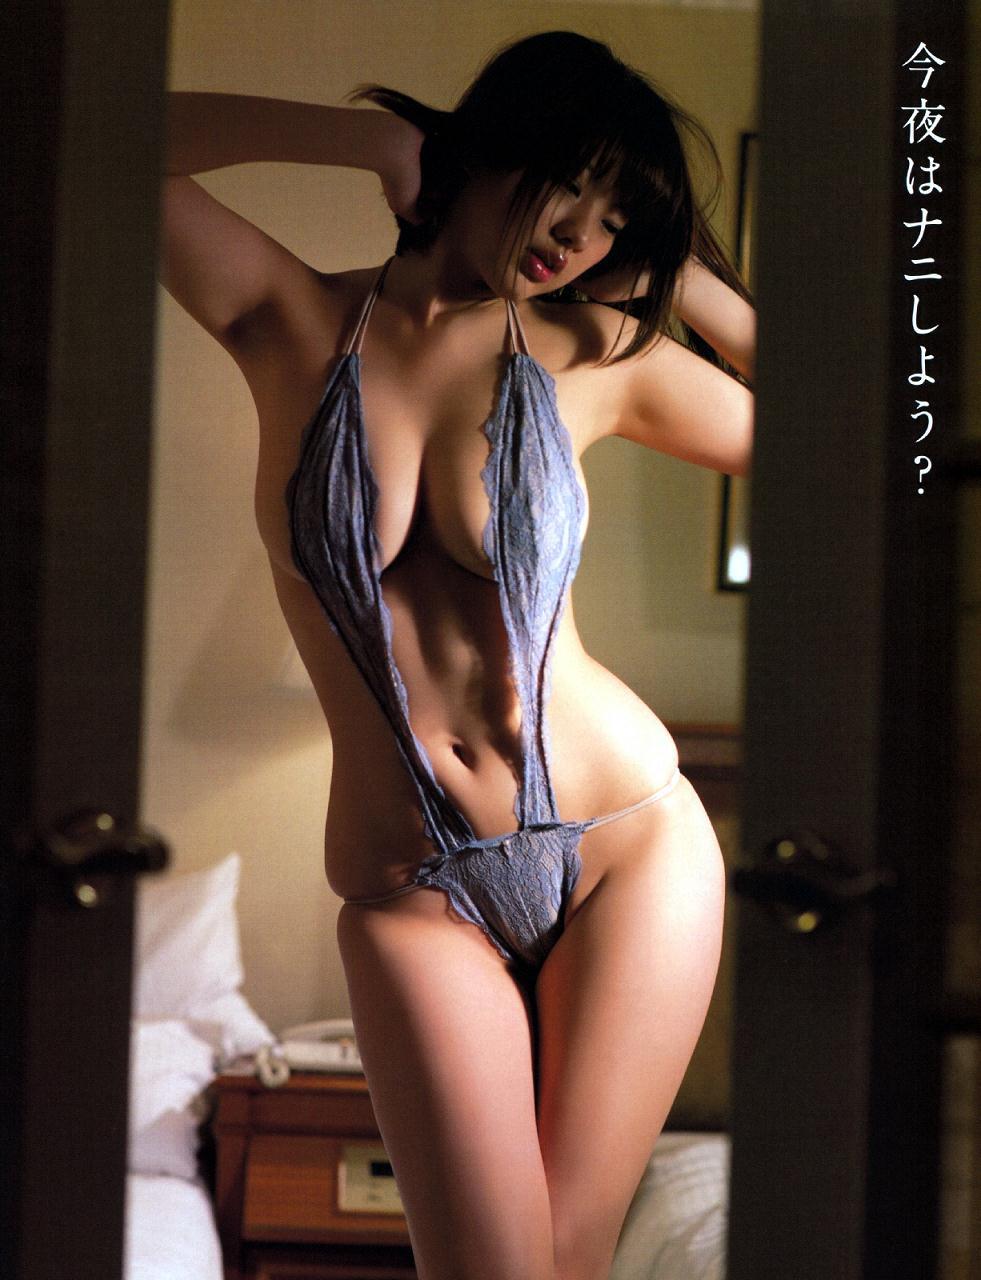 matsumoto_sayuki223.jpg